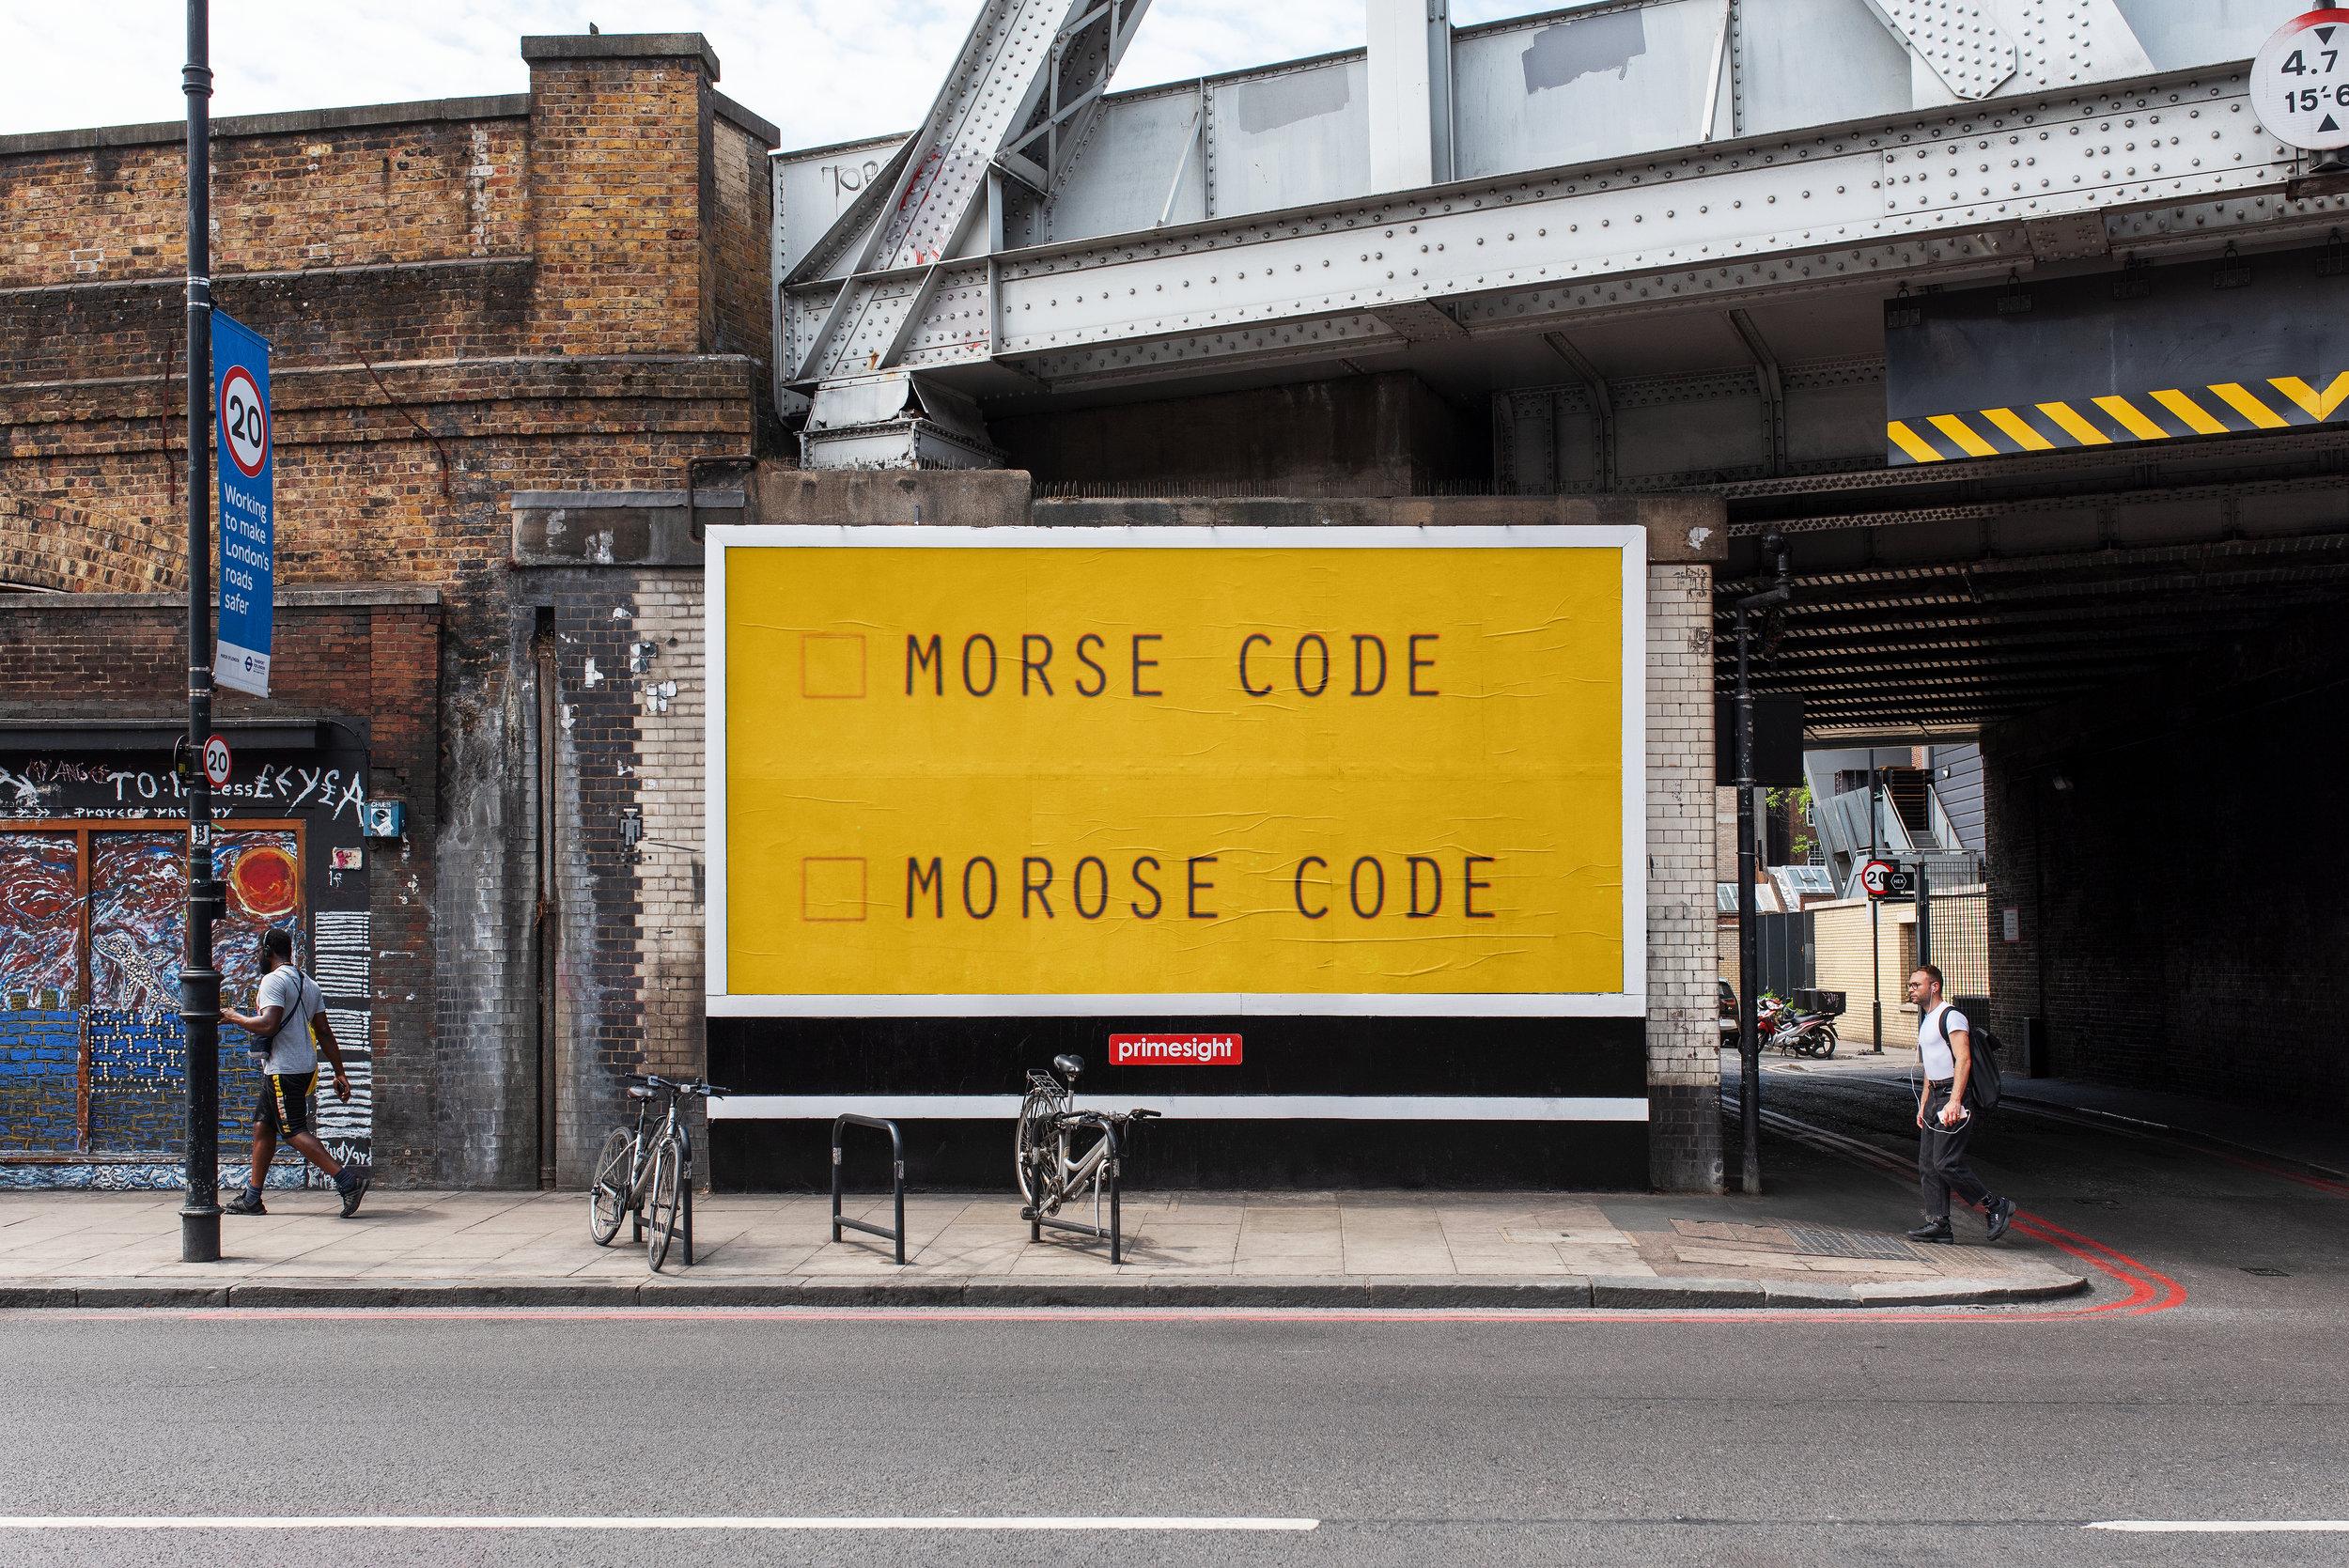 1_MOROSE_CODE_222_billboard_urban_poster_mockup.jpg